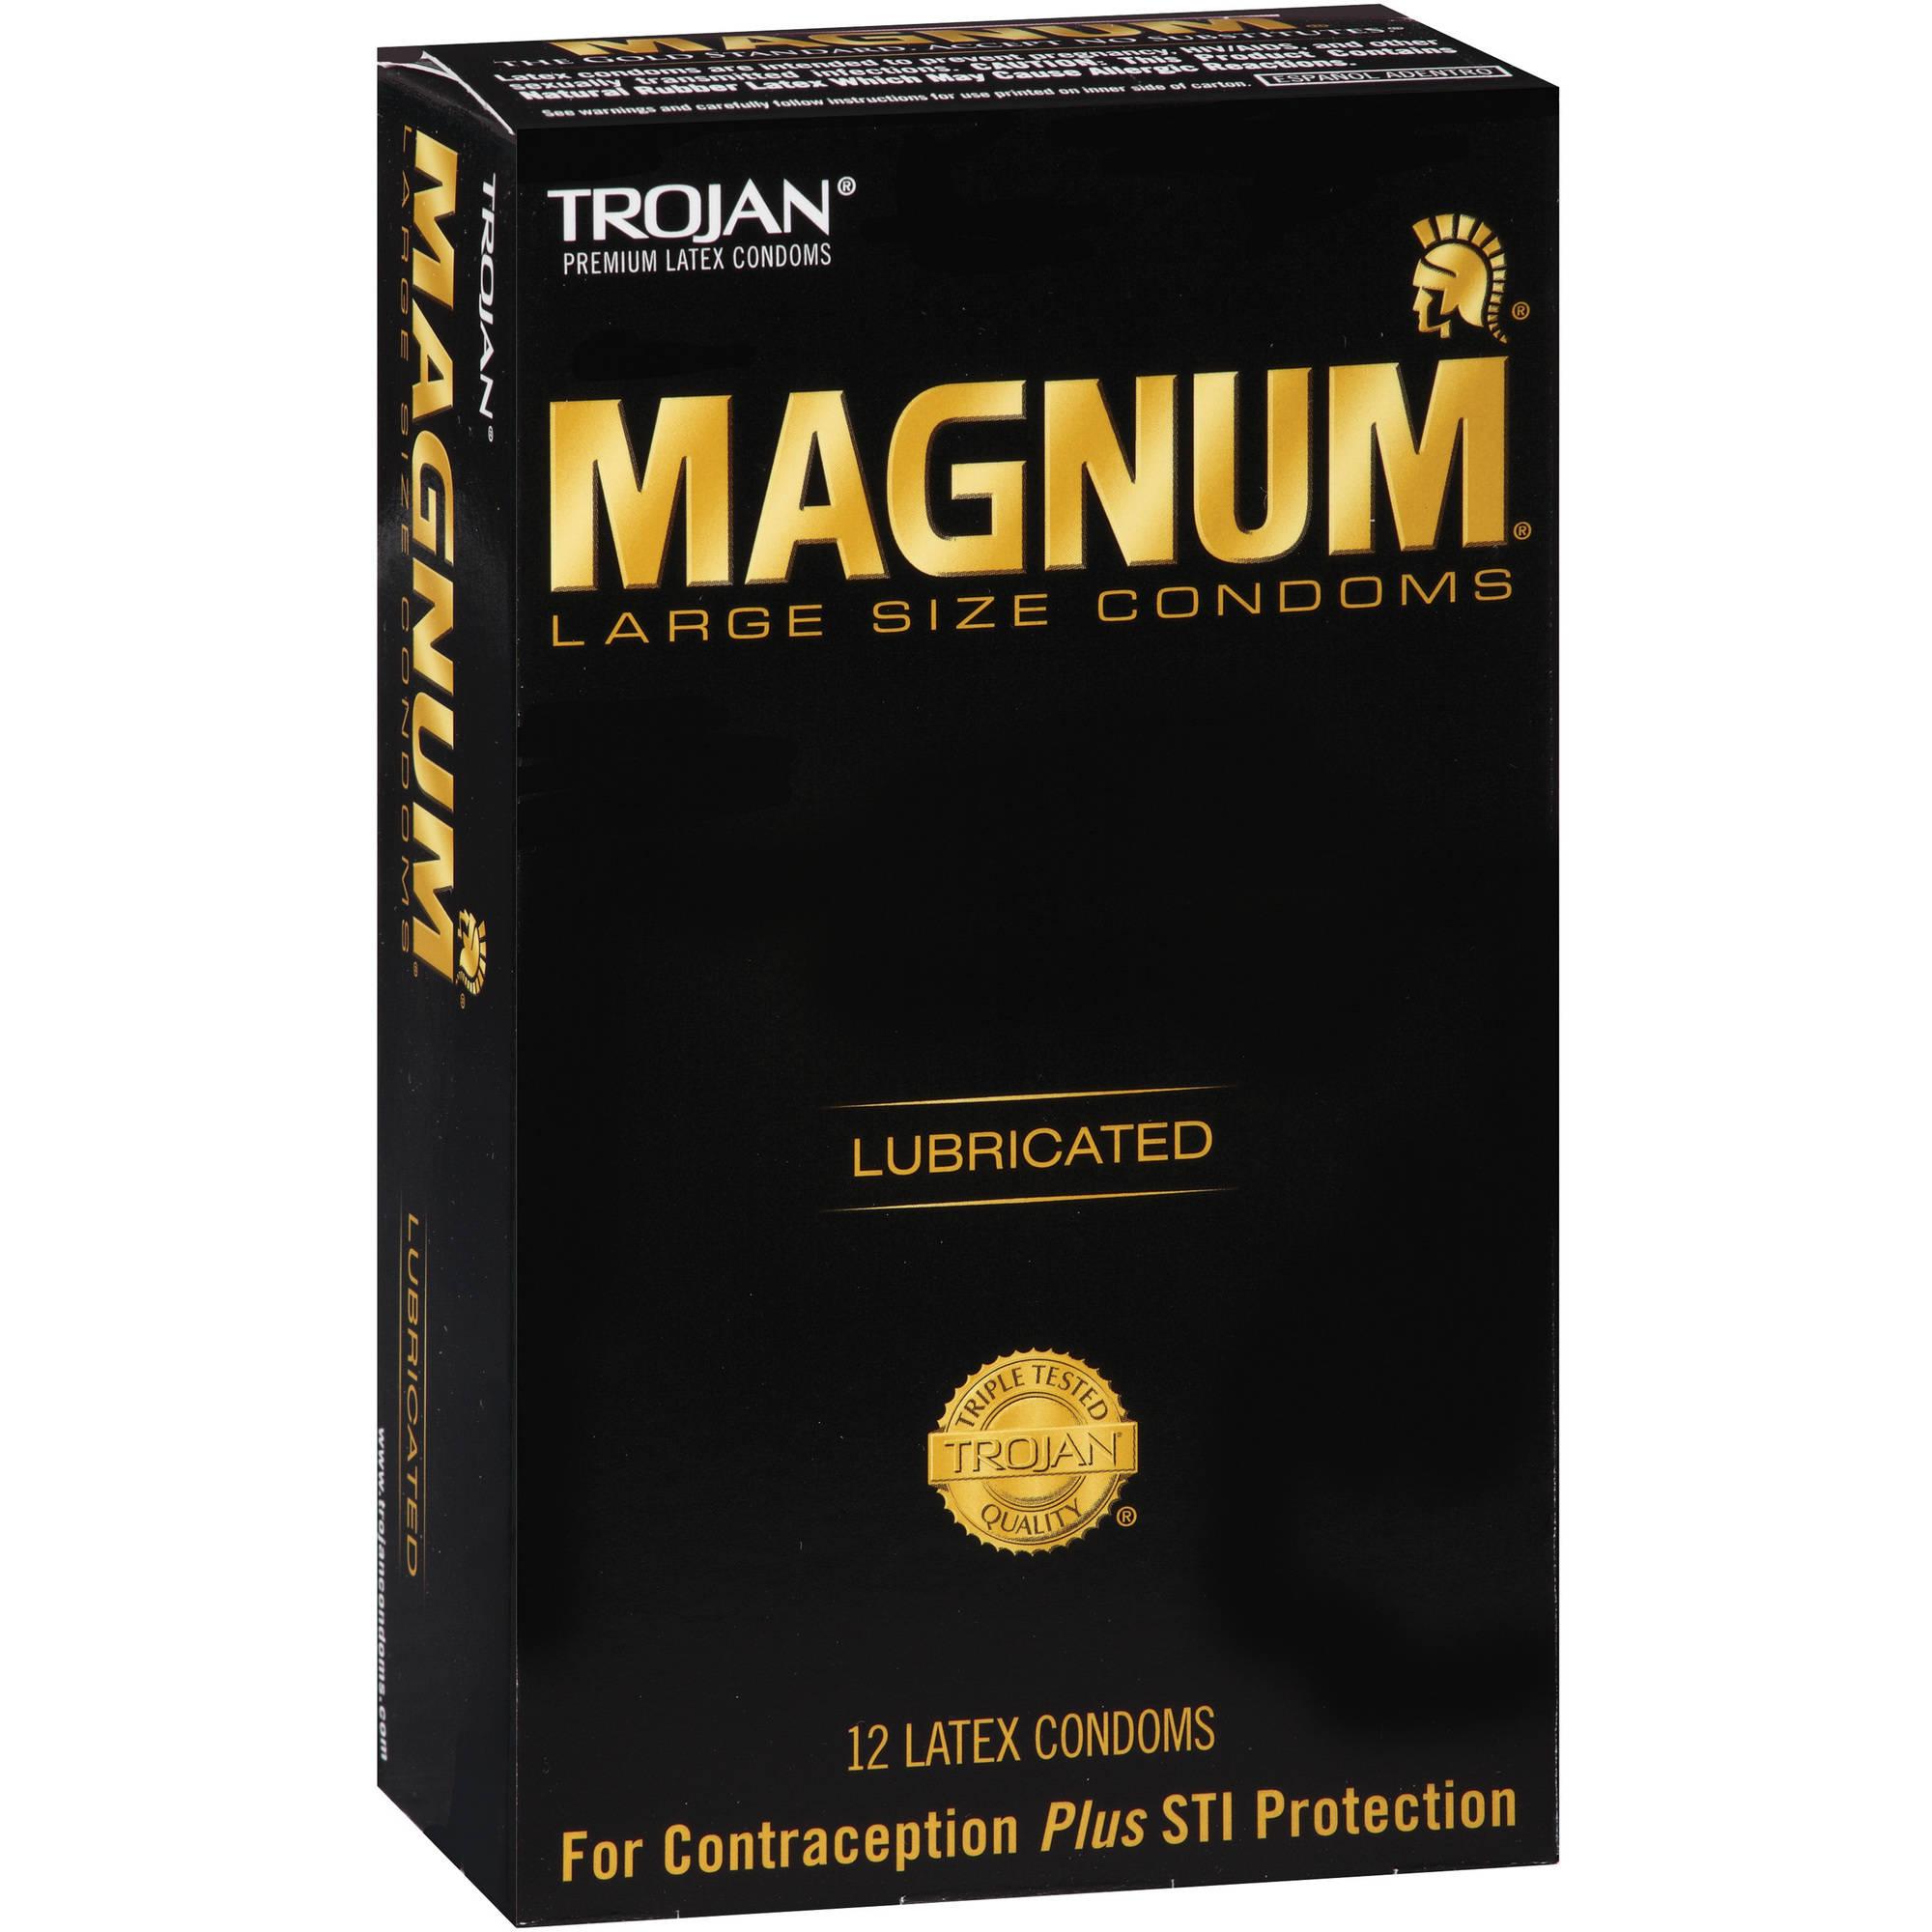 Trojan Magnum Lubricated Premium Latex Condoms, Large, 12 count